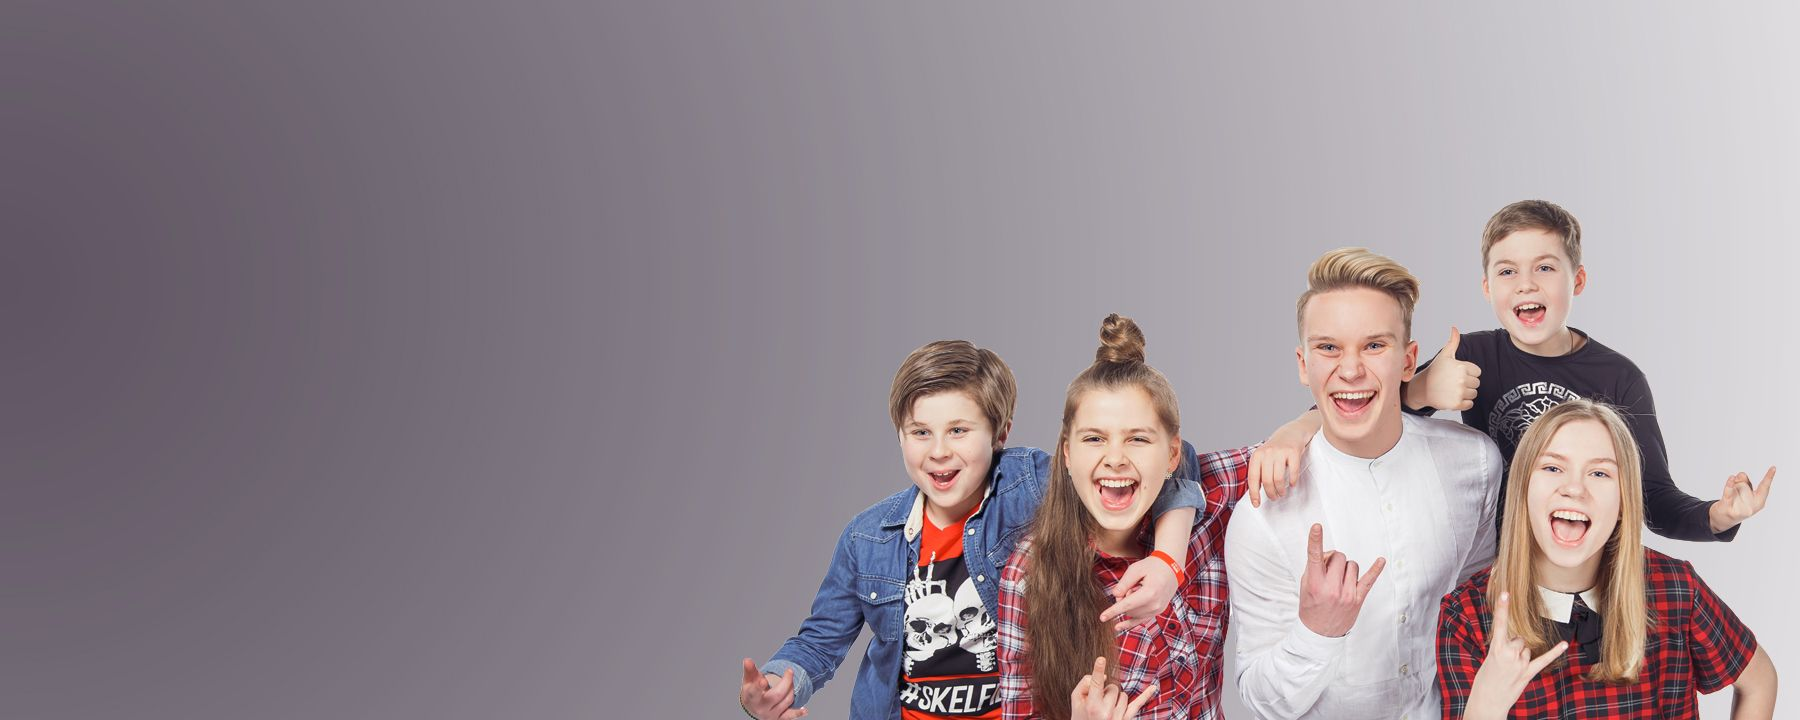 """Встреча """"Образовательная стратегия для ребенка"""", Одесса 25 февраля. Фото - 7"""